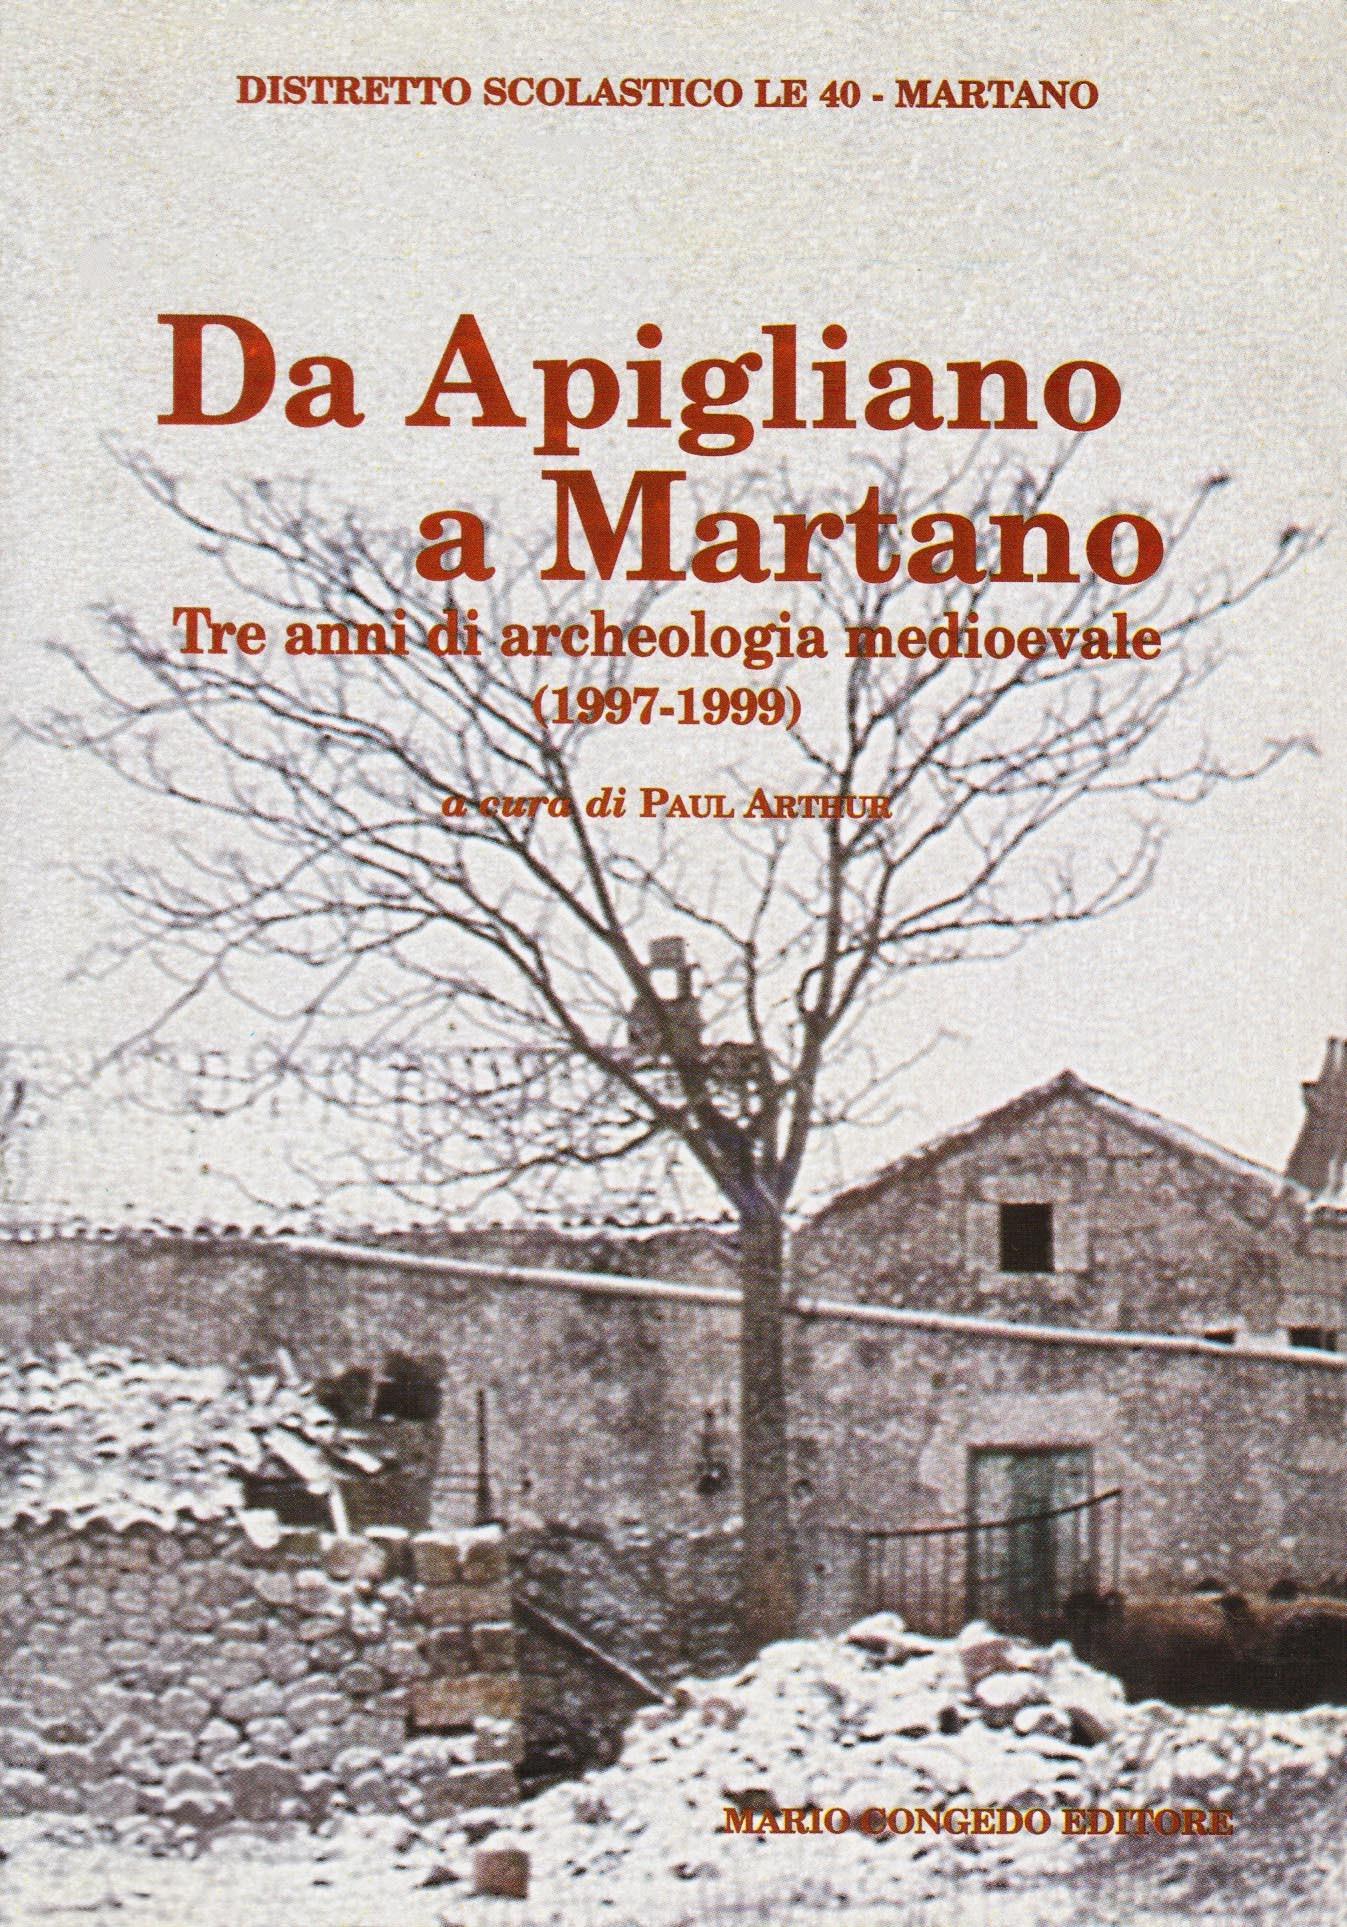 Da Apigliano a Martano - Tre anni di archeologia medioevale (1997-1999)